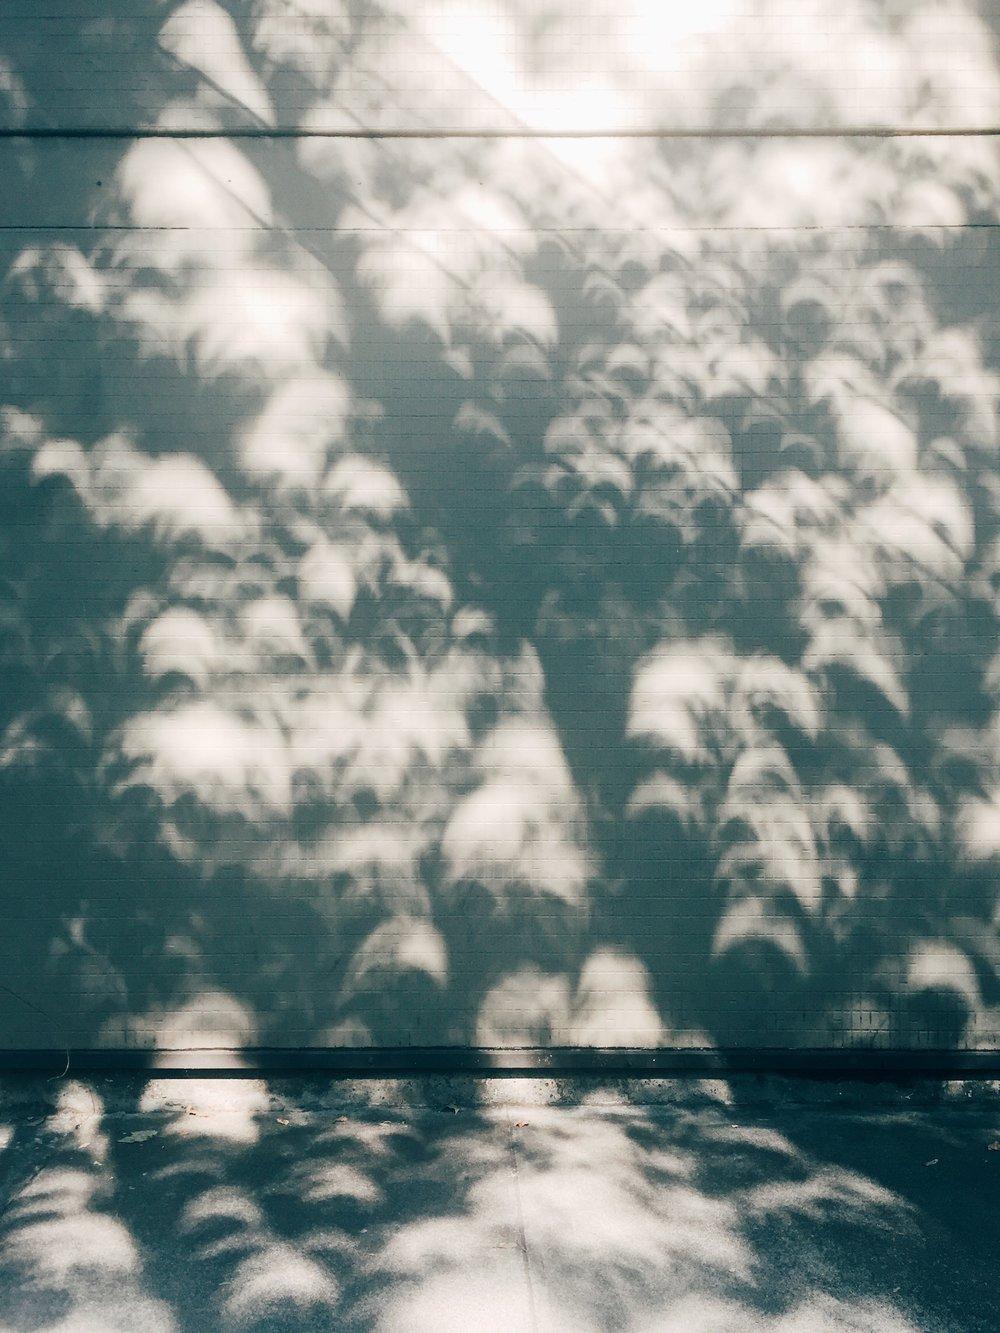 solar eclipse shadows / alex hood 2017